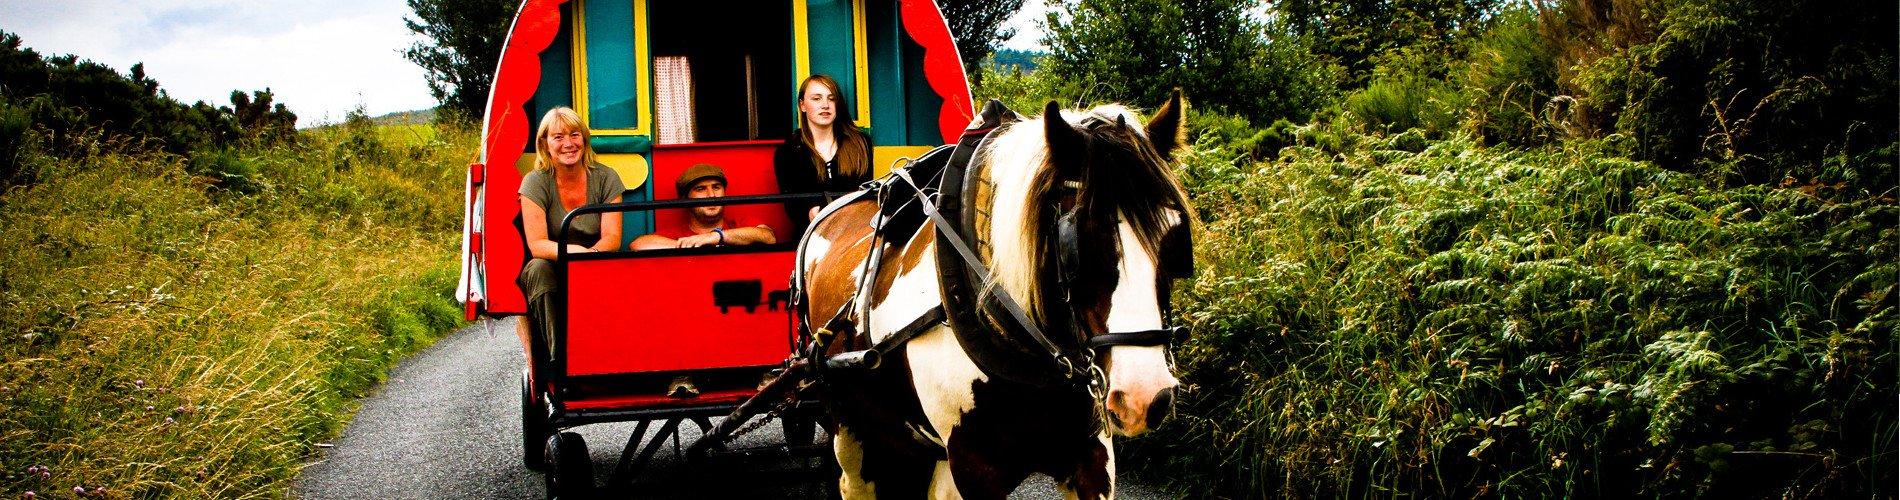 Clissmann-Horse-Caravans-relaxing-pace-Ireland